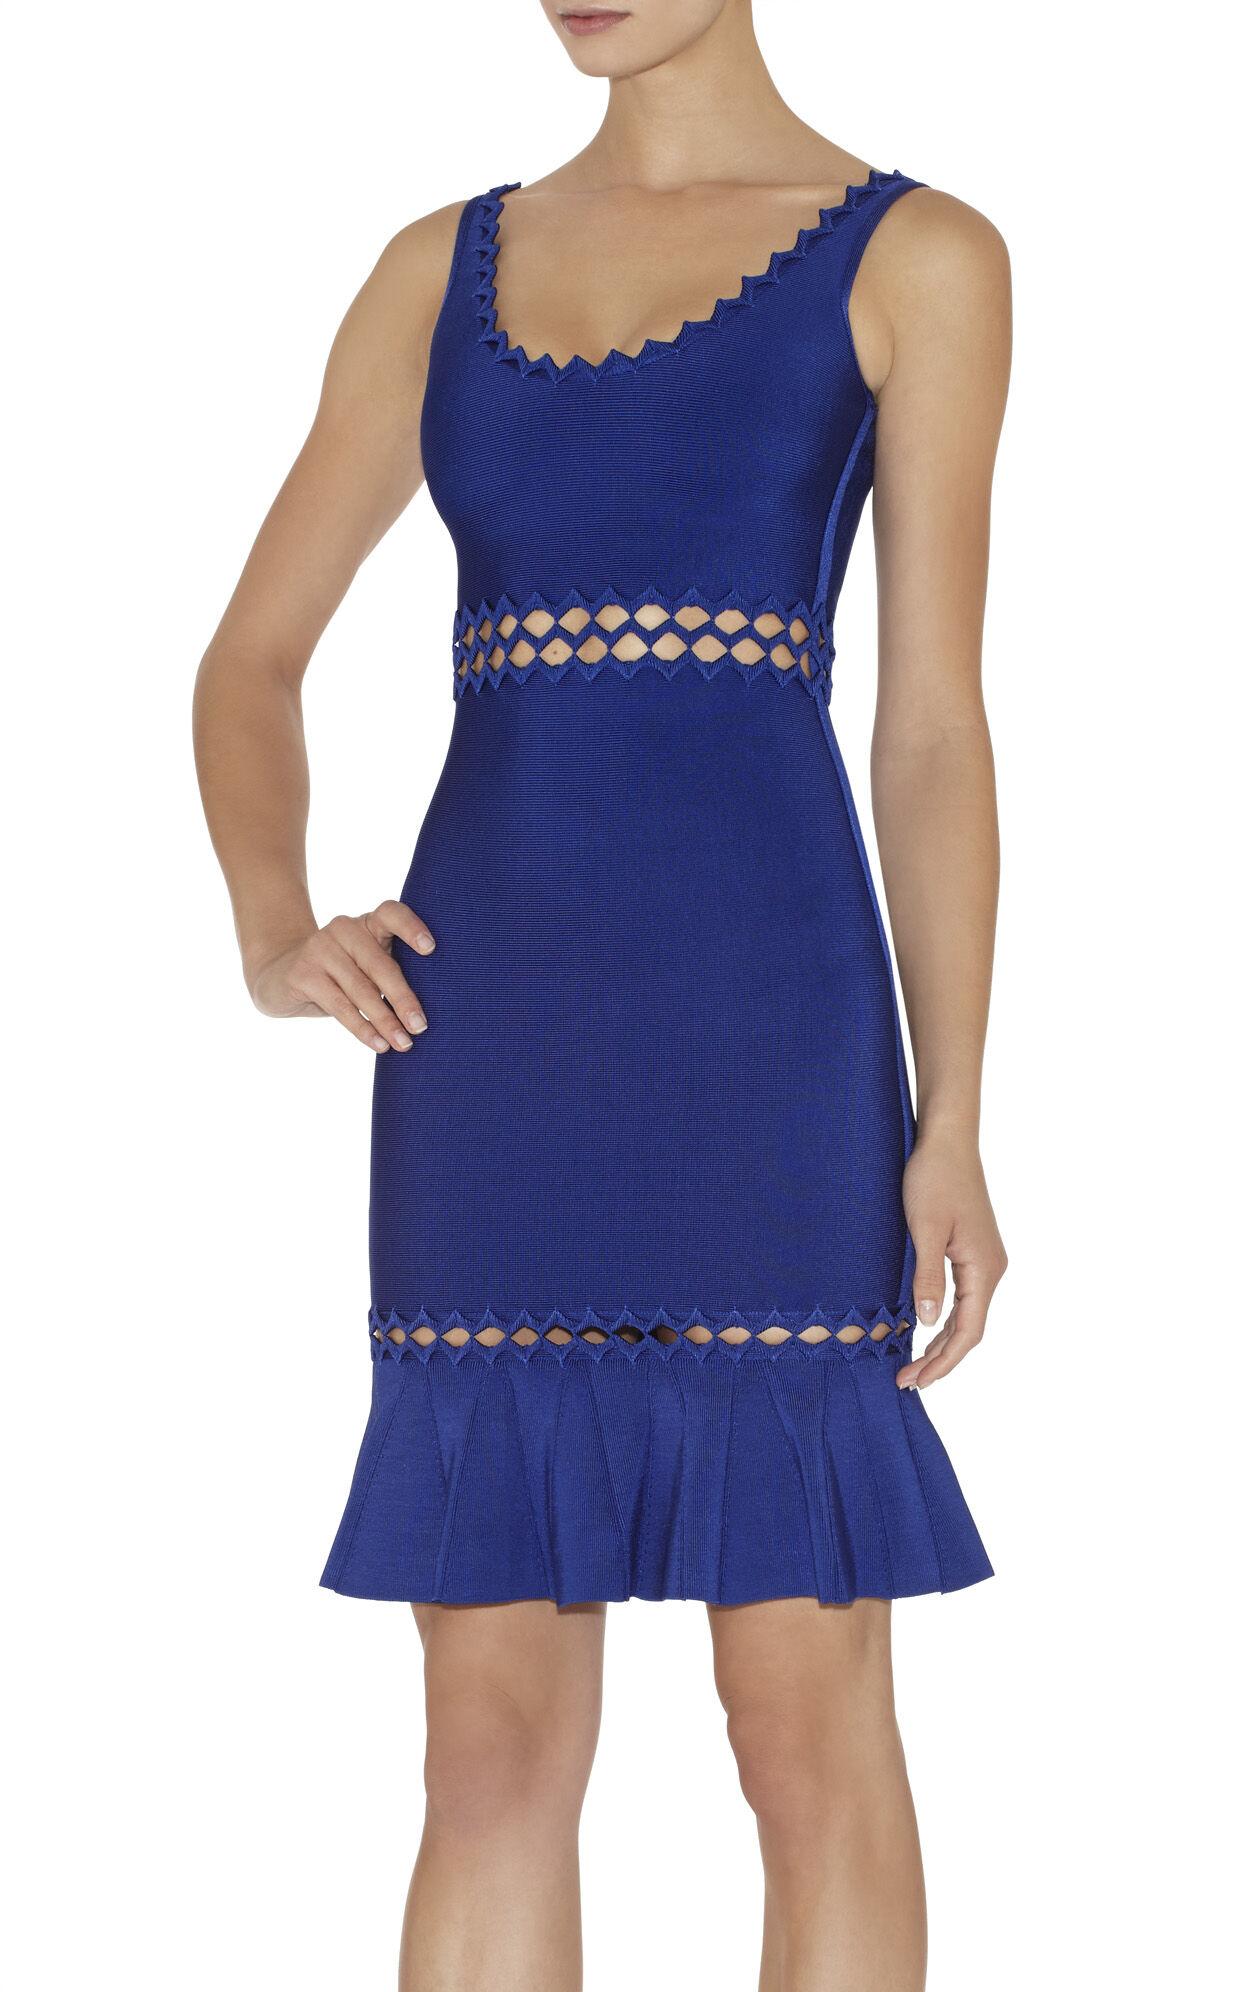 Anais Diamond Open-Applique Dress